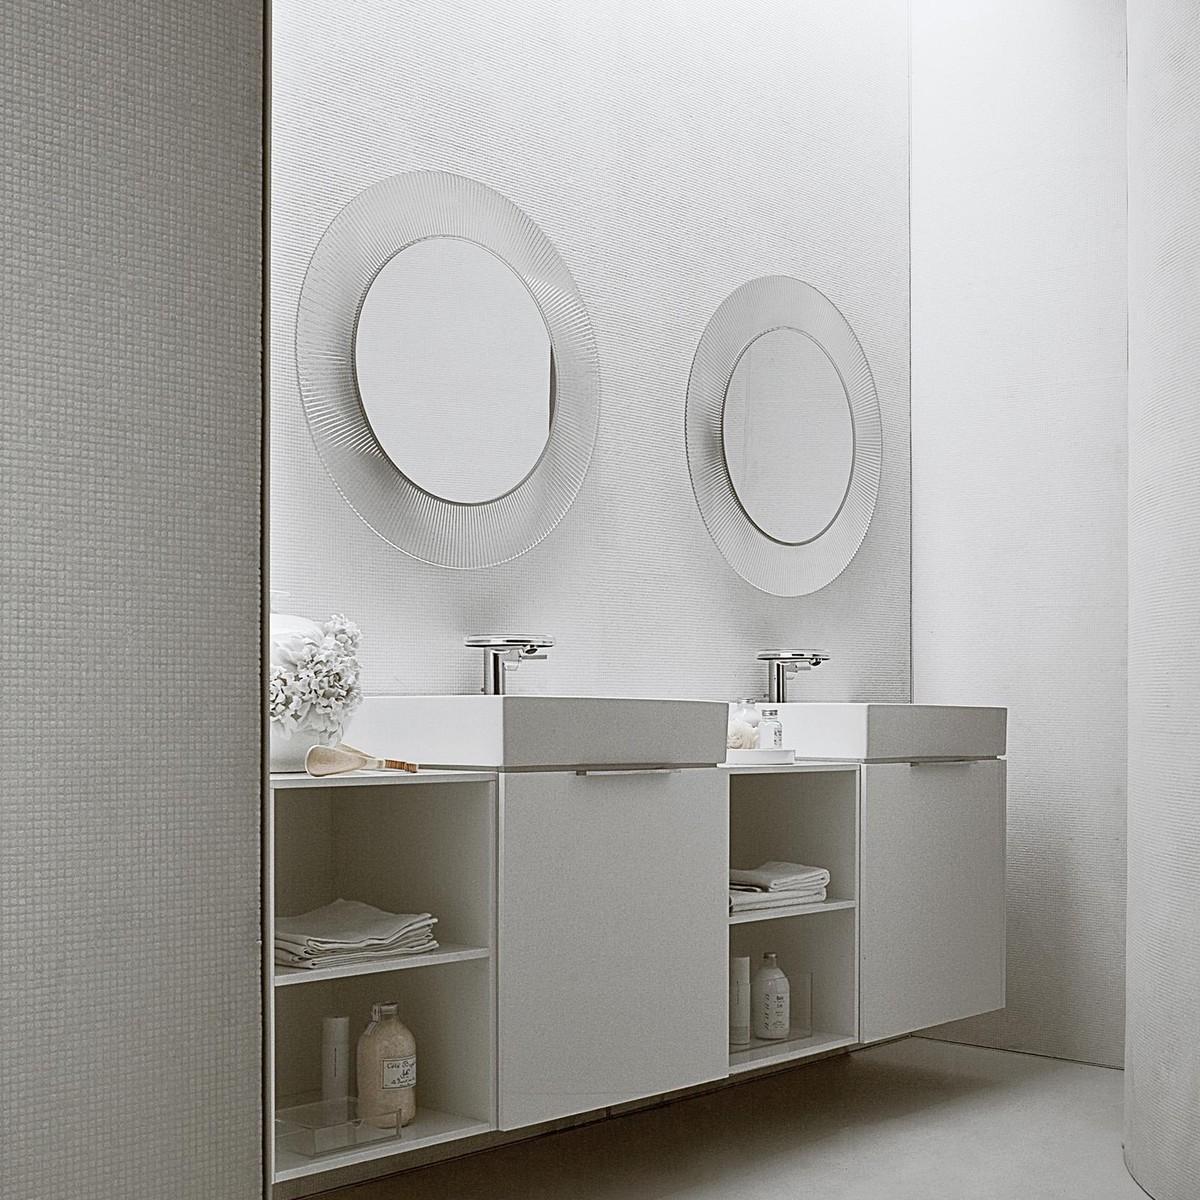 kartell by laufen all saints mirror  kartell  ambientedirectcom - kartell  all saints mirror